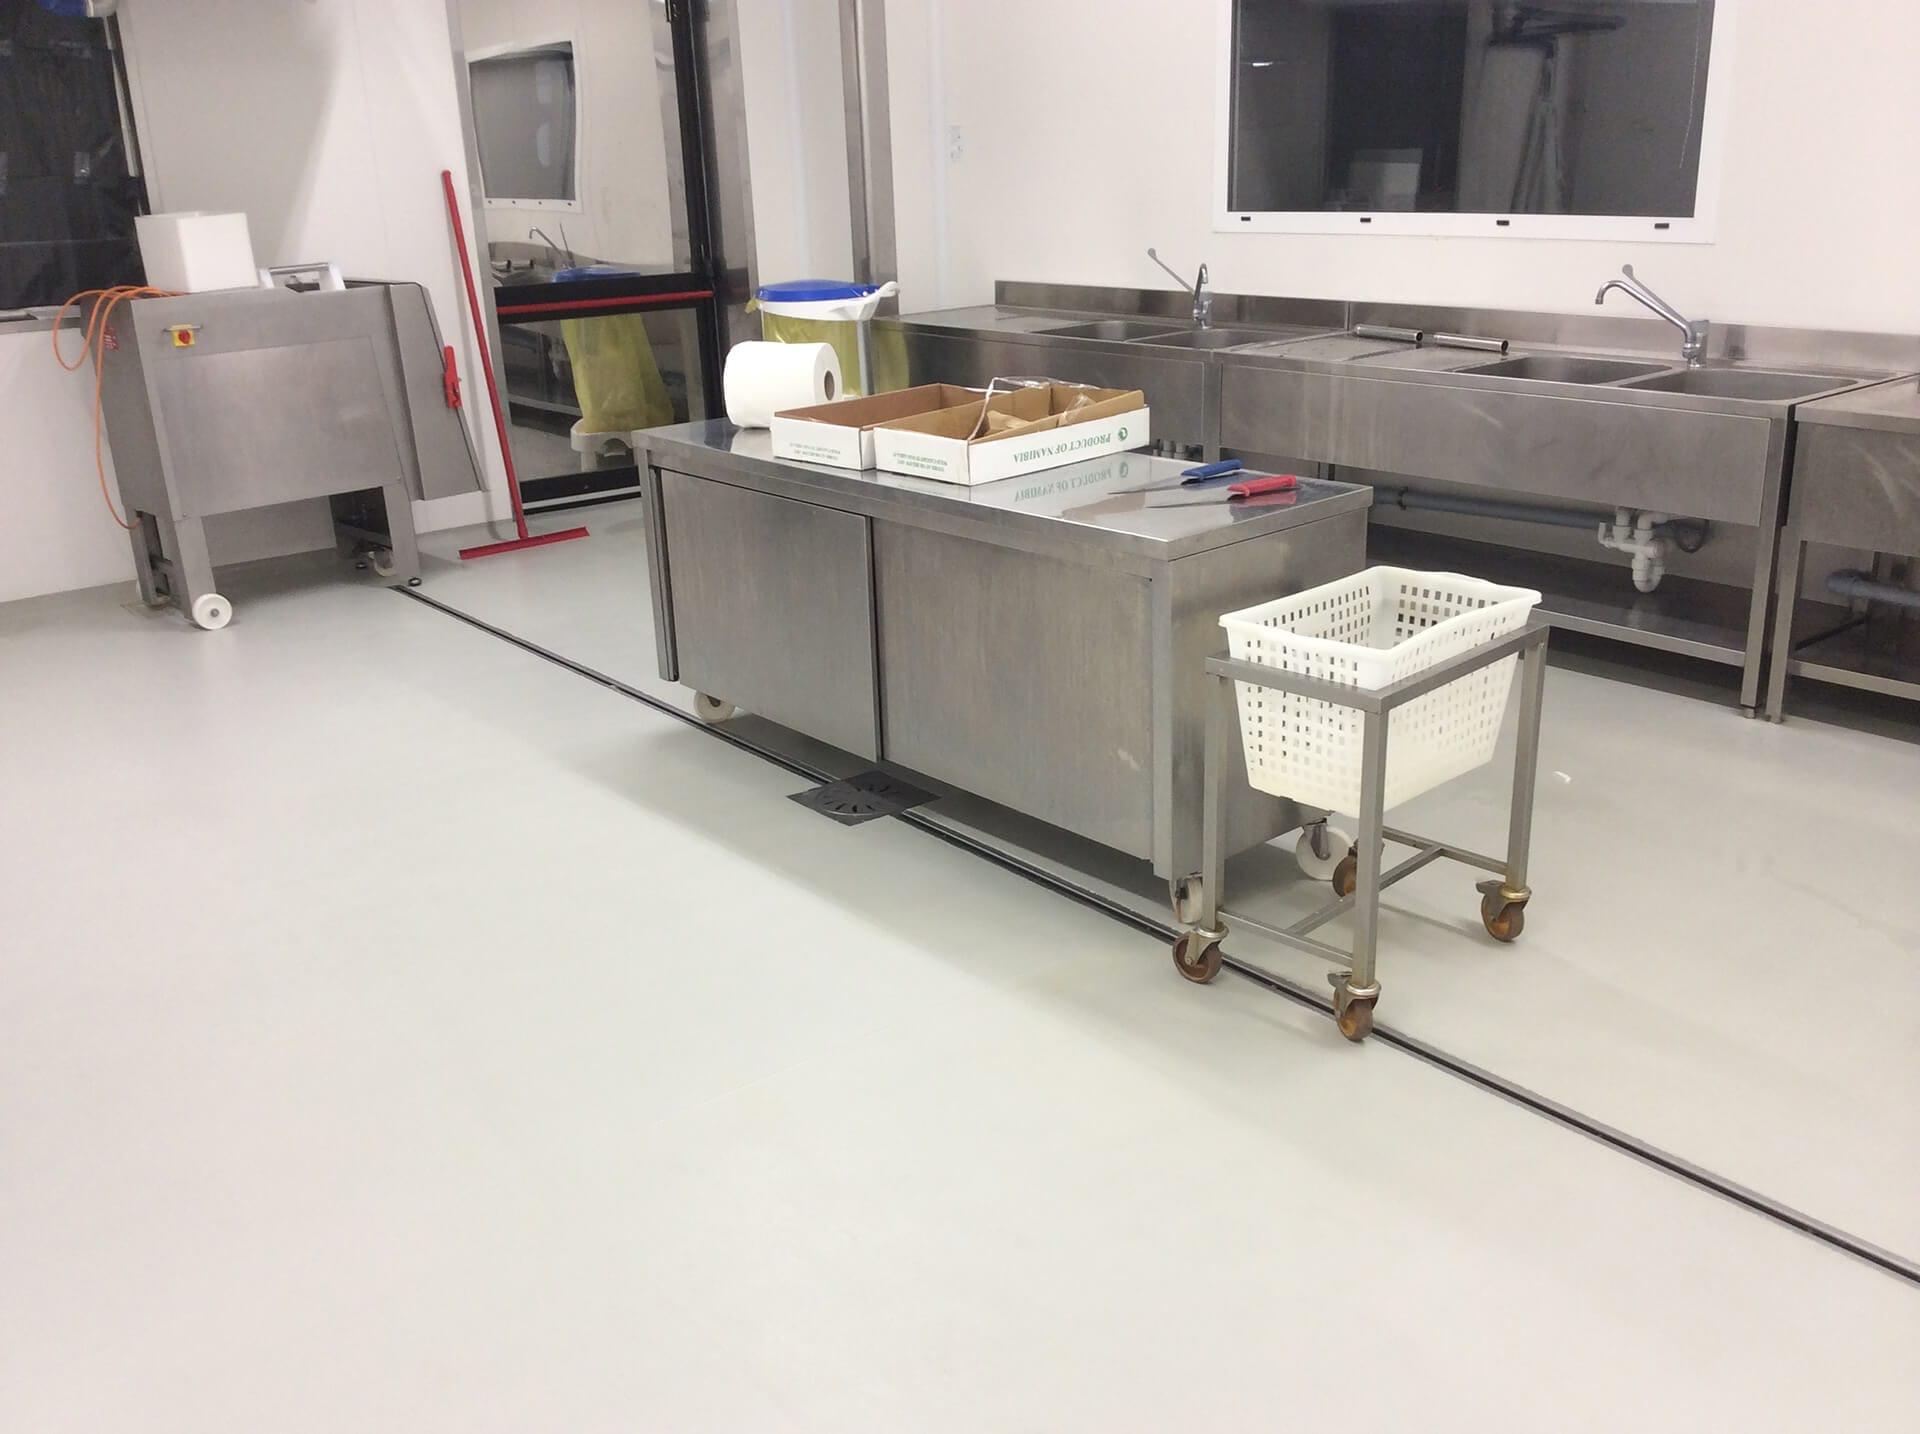 pavimento in resina azienda alimentare